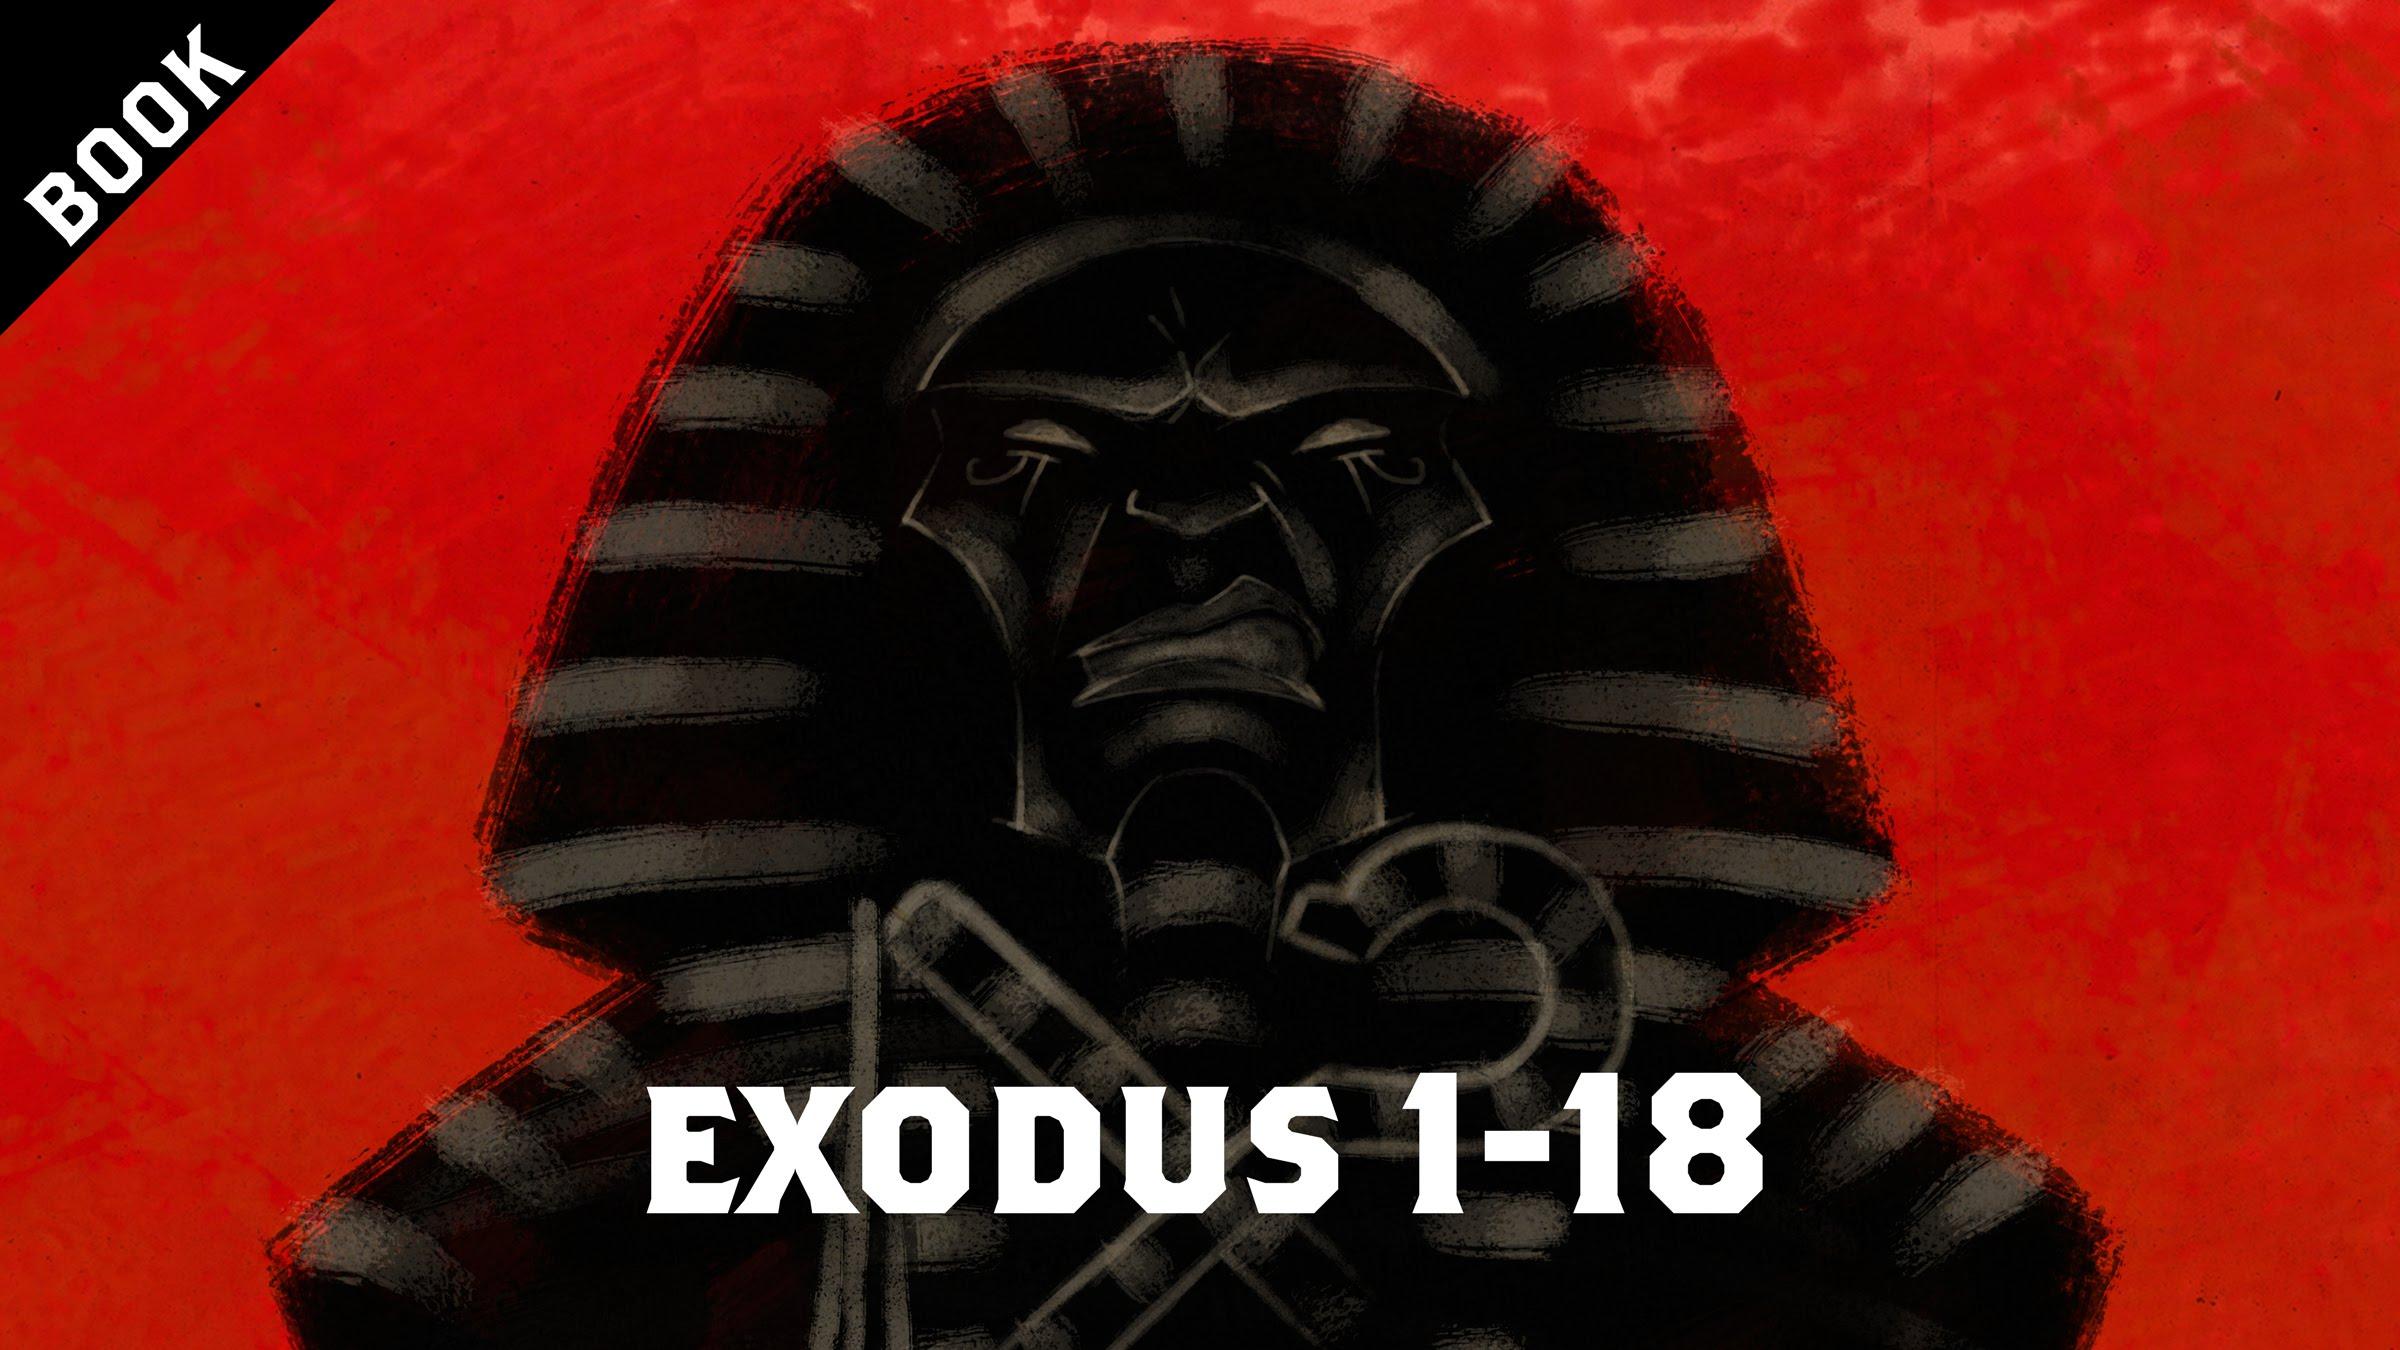 Exodus 1-18の概要